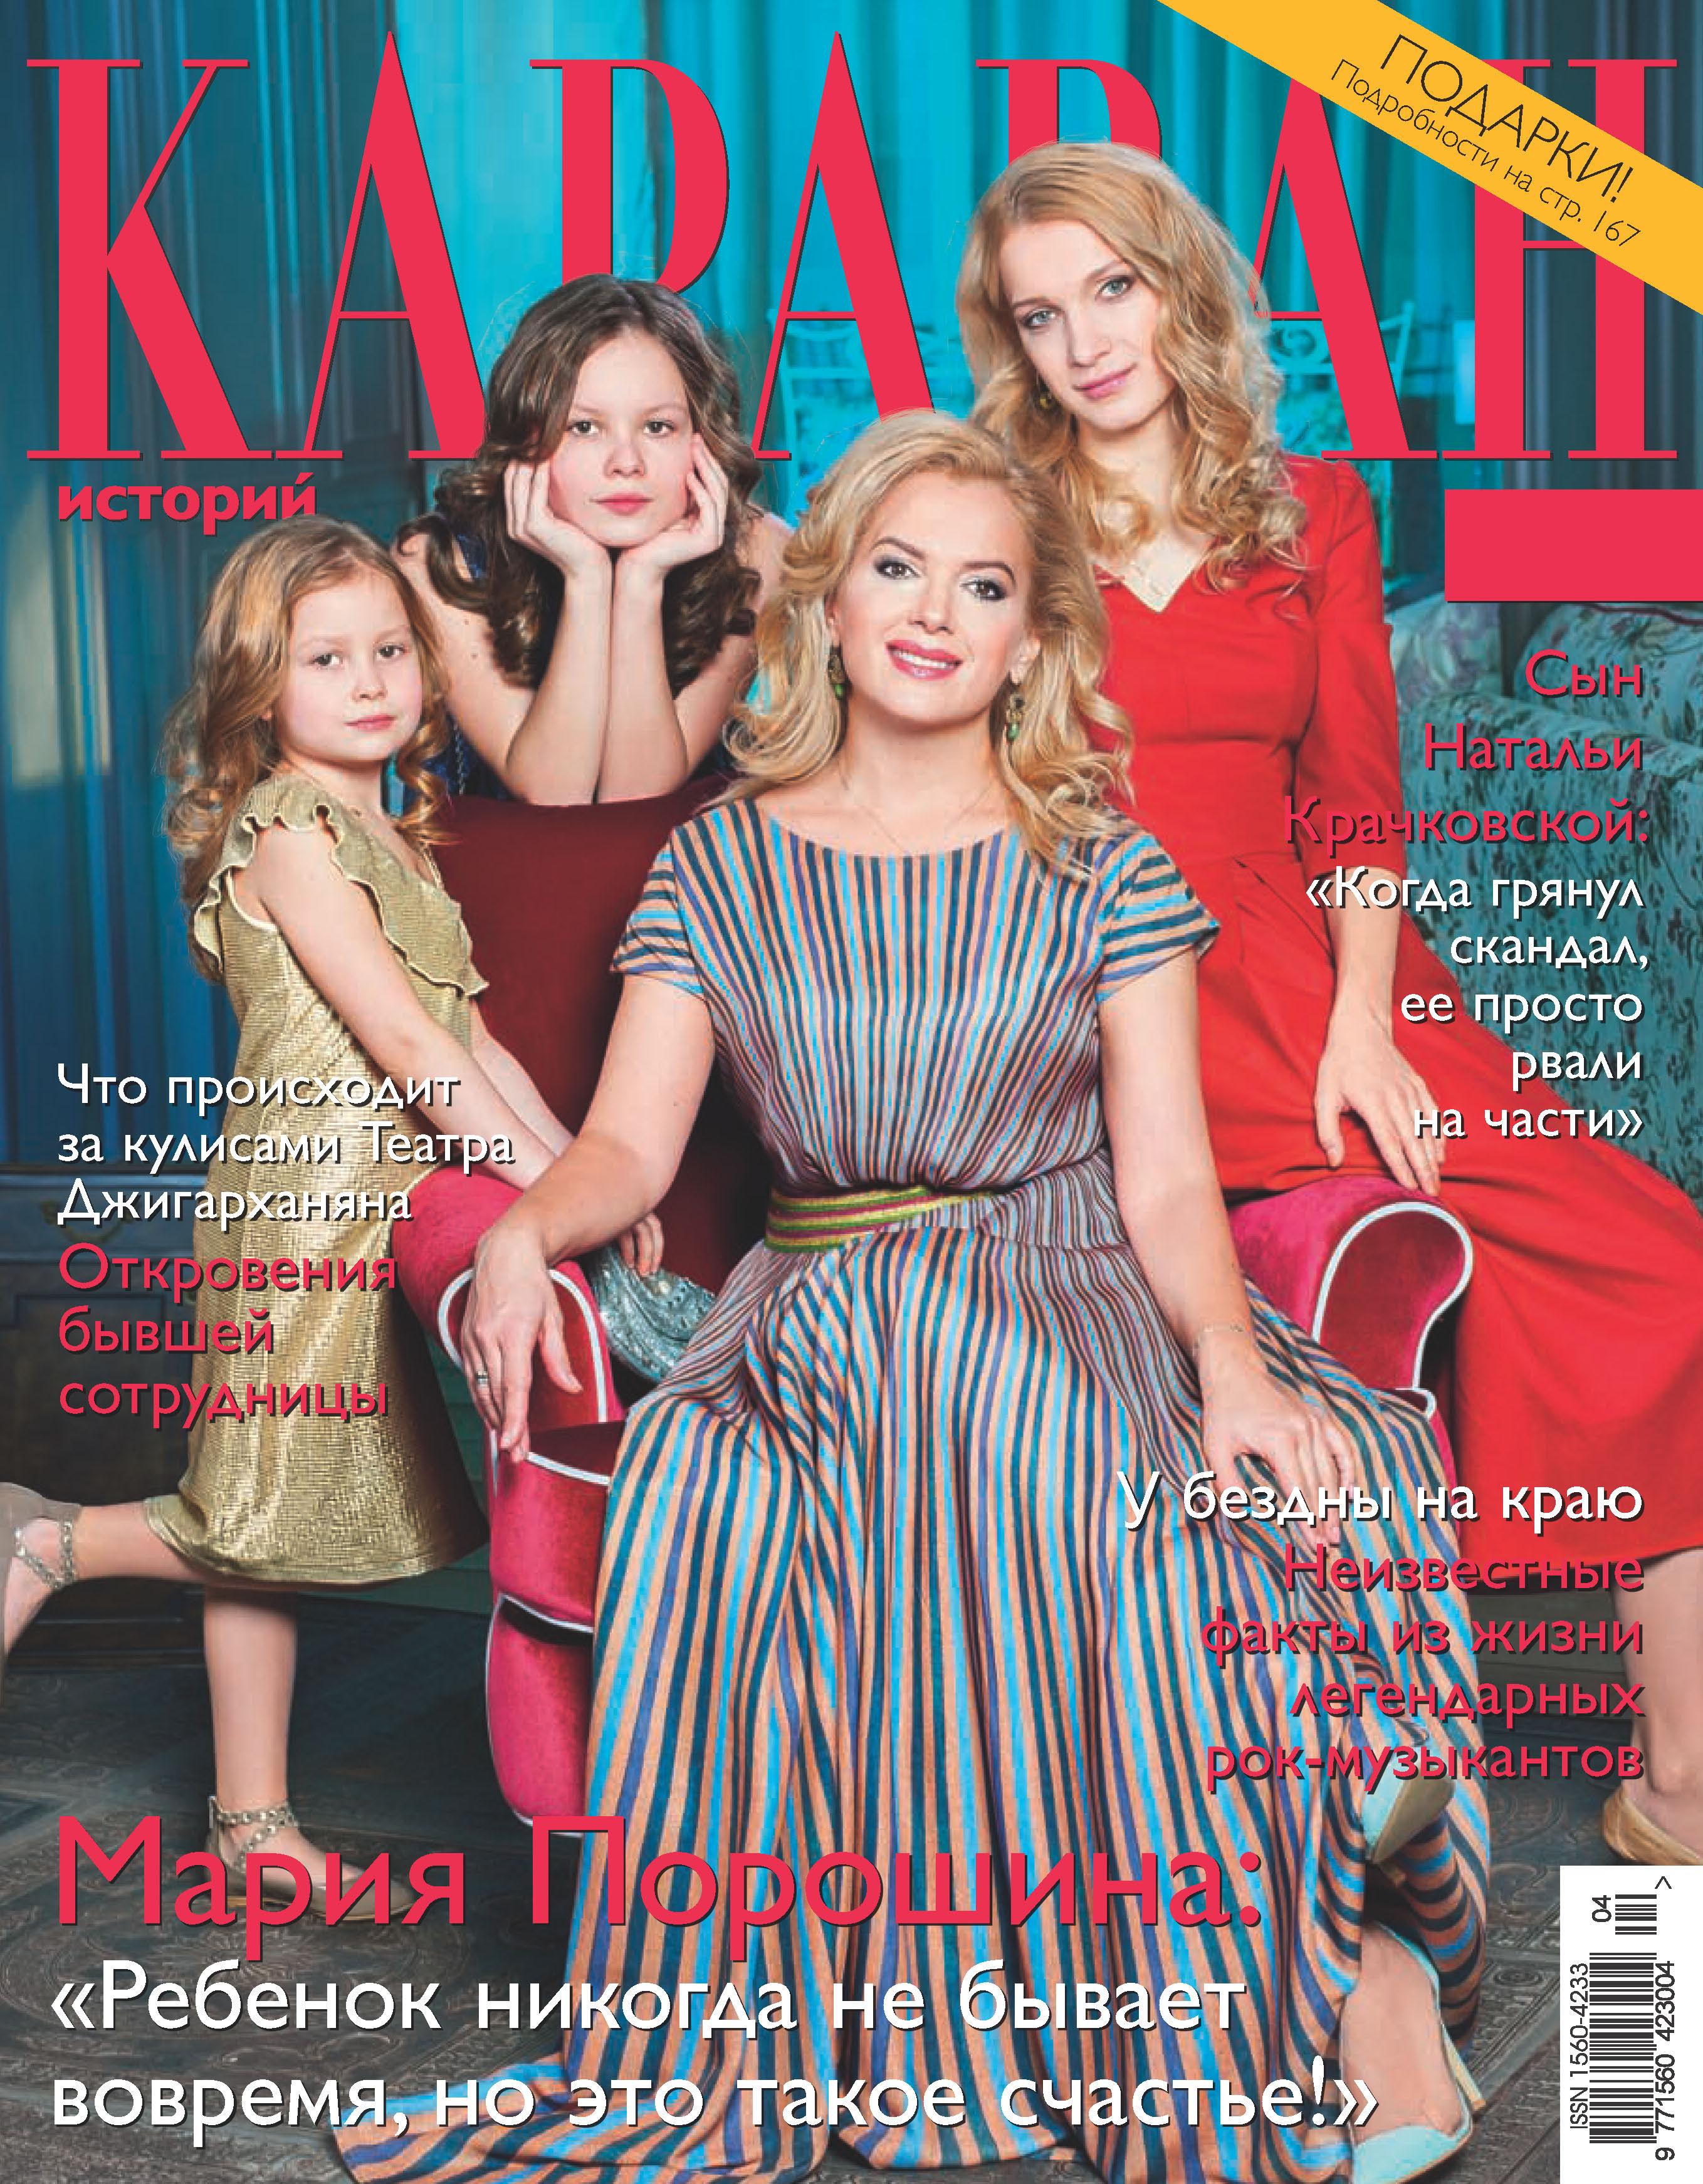 Отсутствует Караван историй №04 / апрель 2017 михаил кубеев 100 великих любовных историй